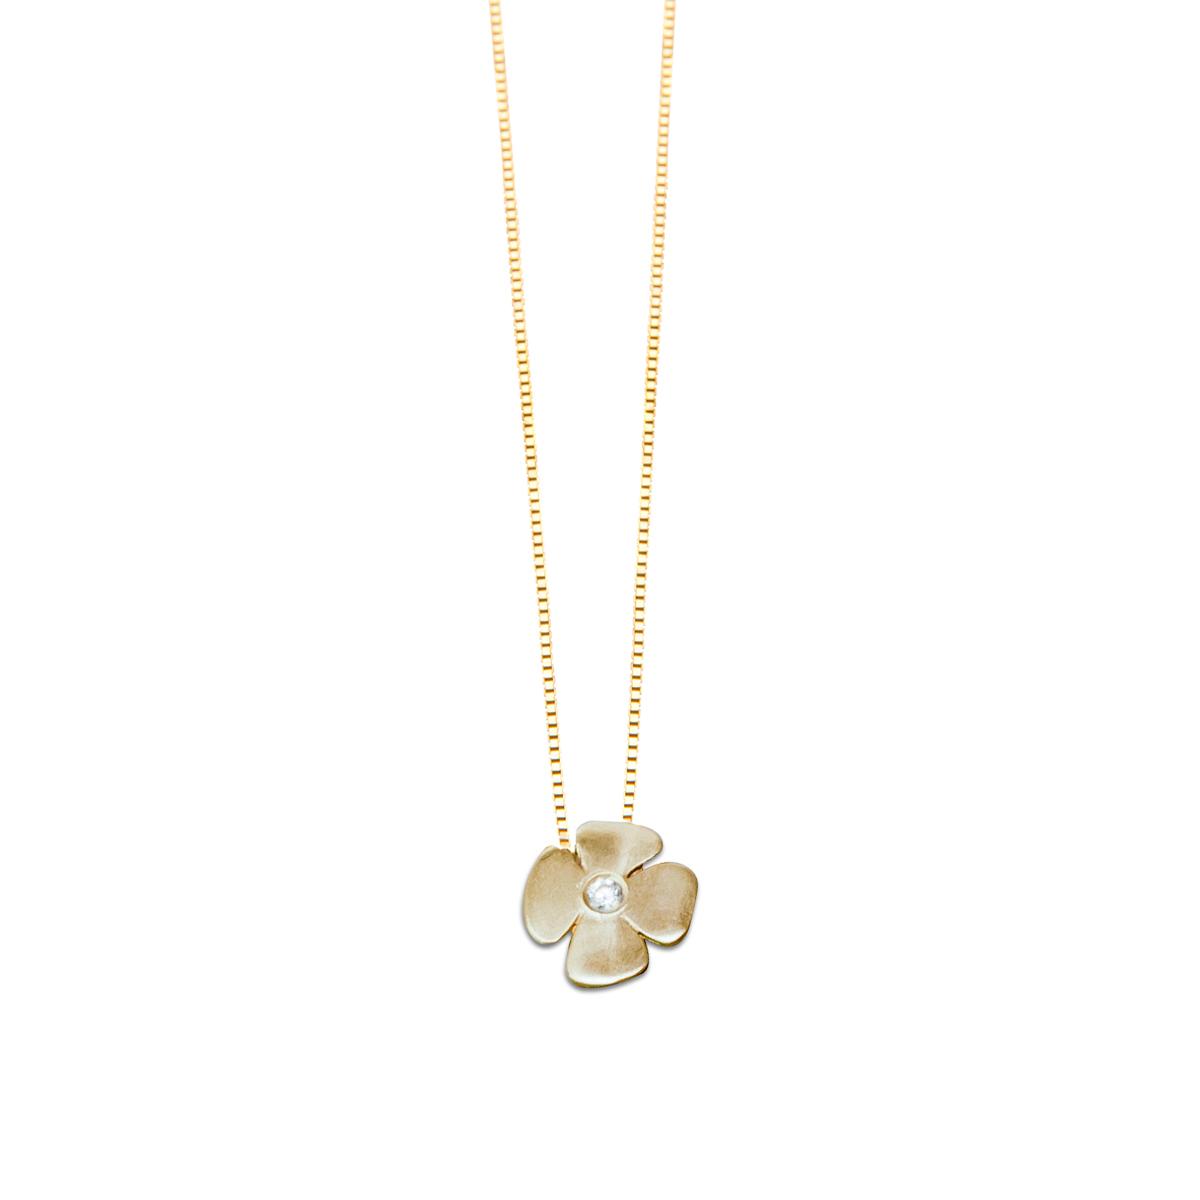 שרשרת פרח זהב משובצת יהלום